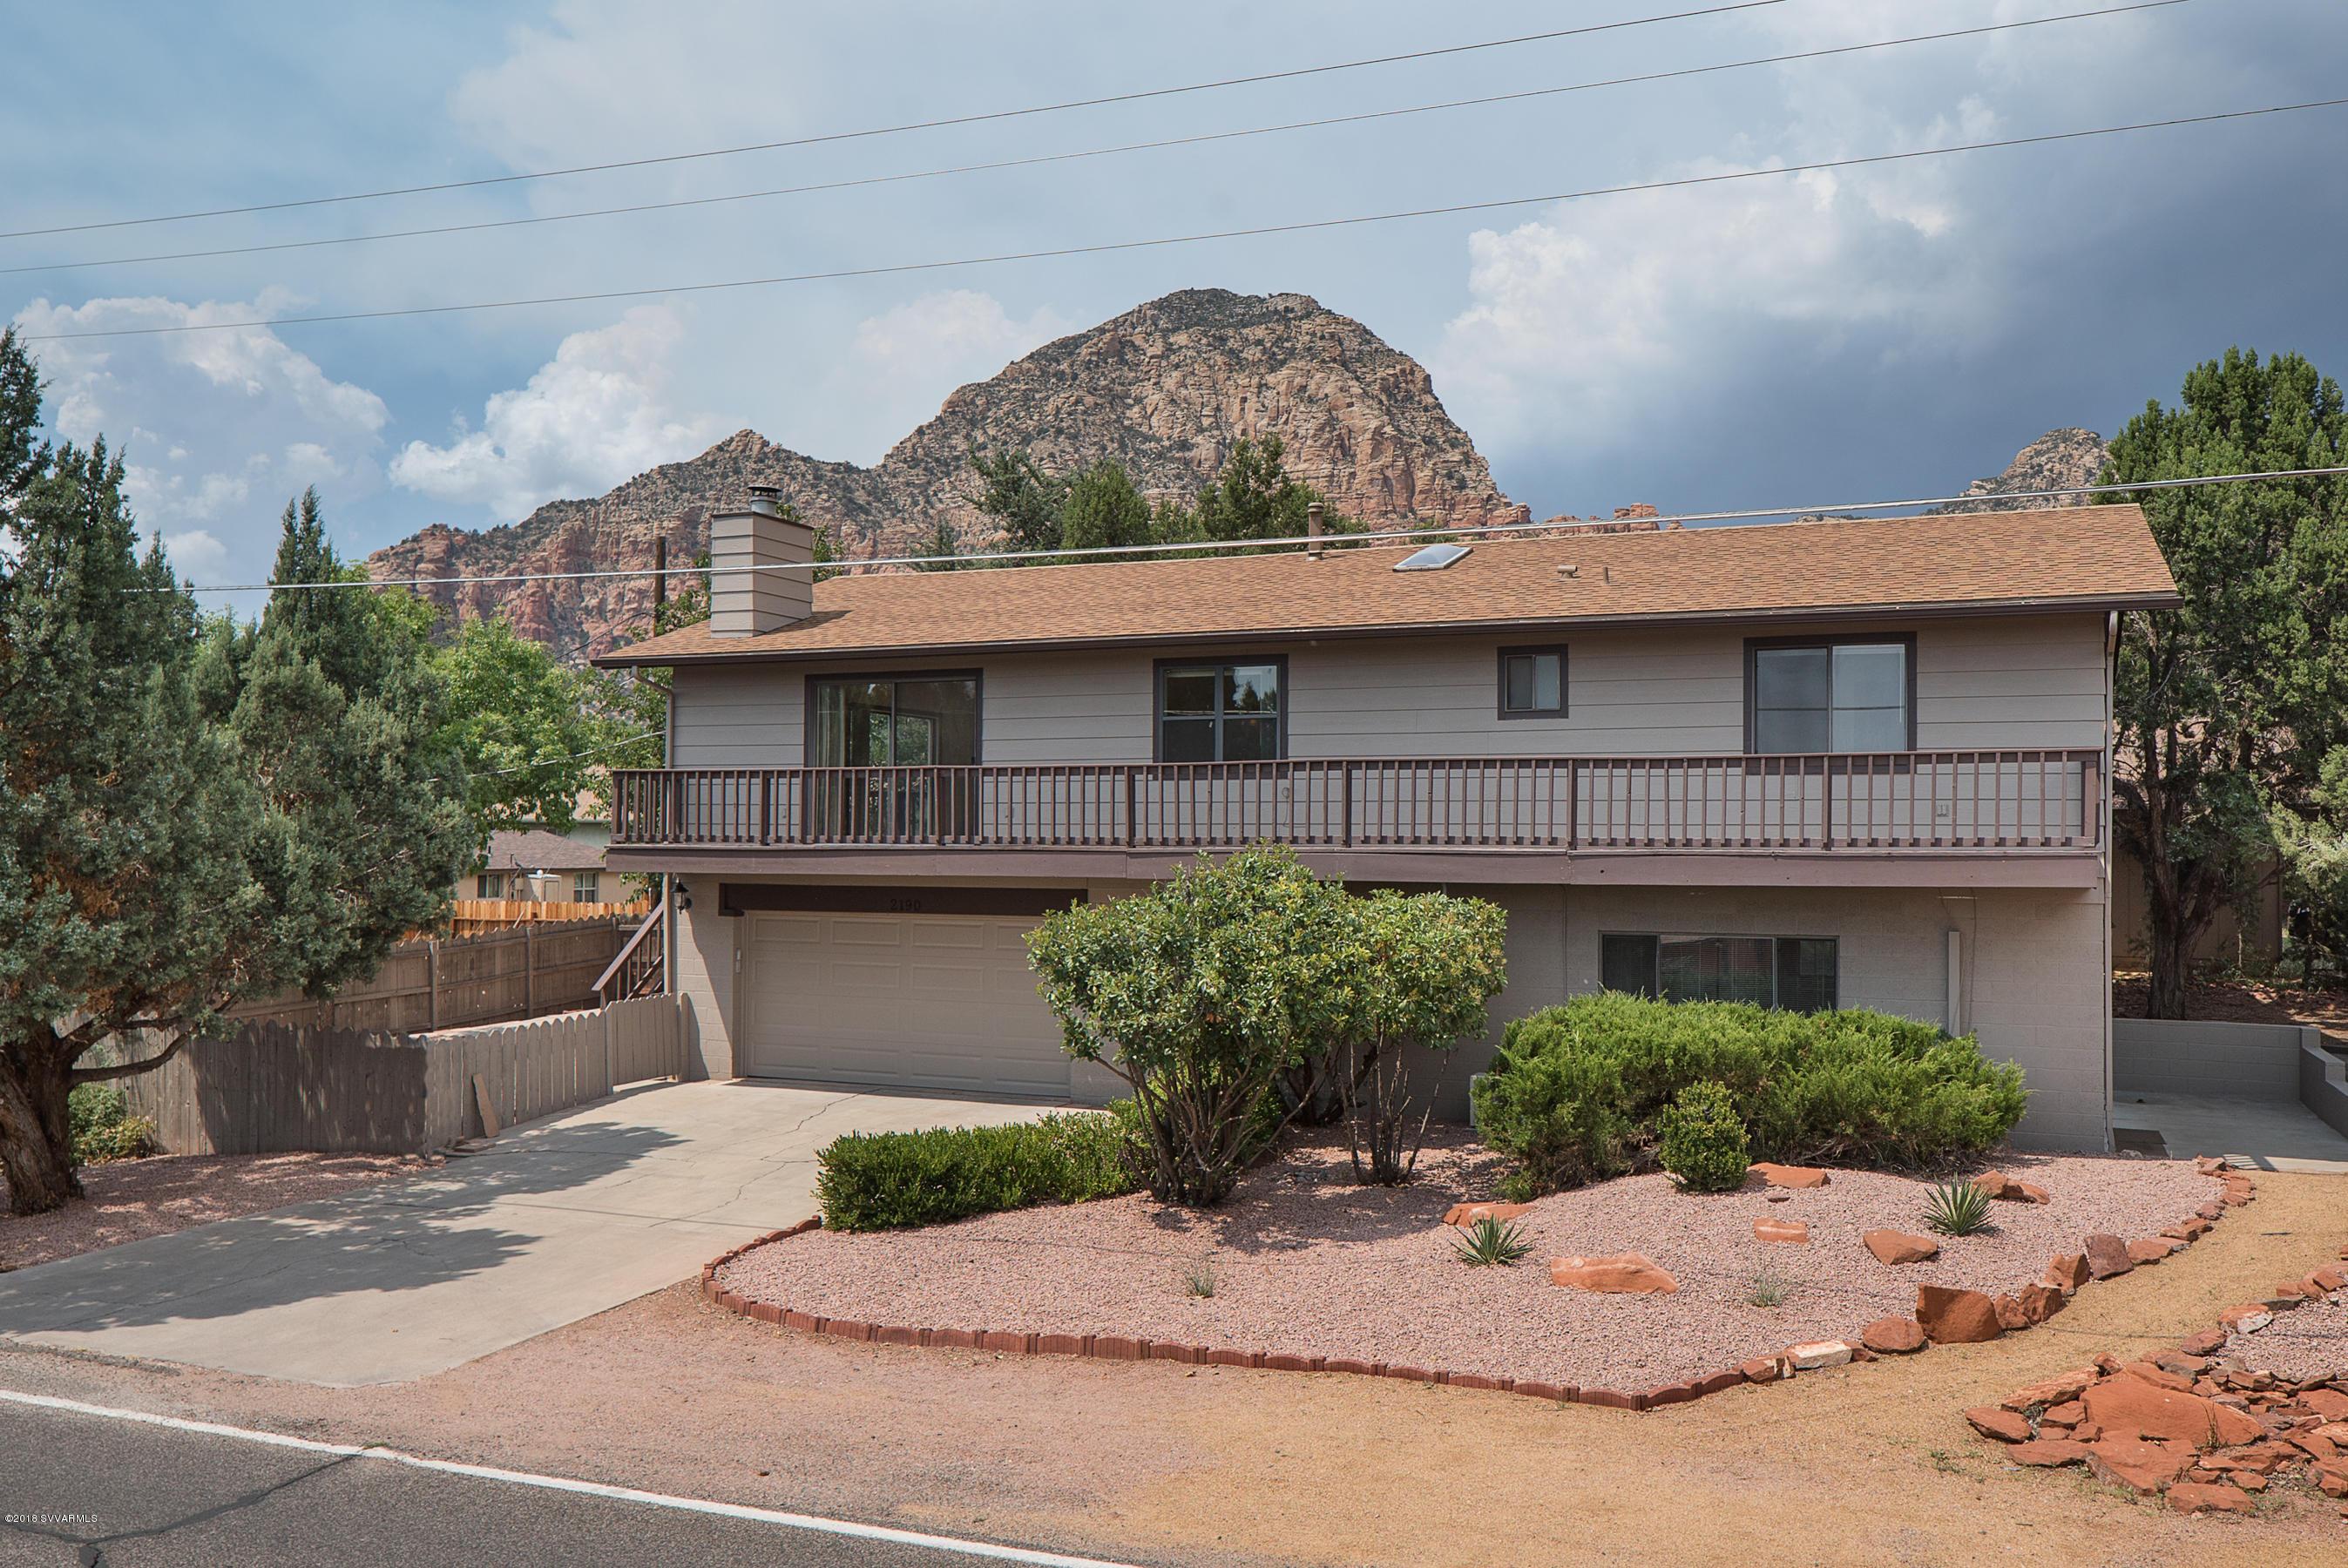 2190 Sanborn Drive Sedona, AZ 86336